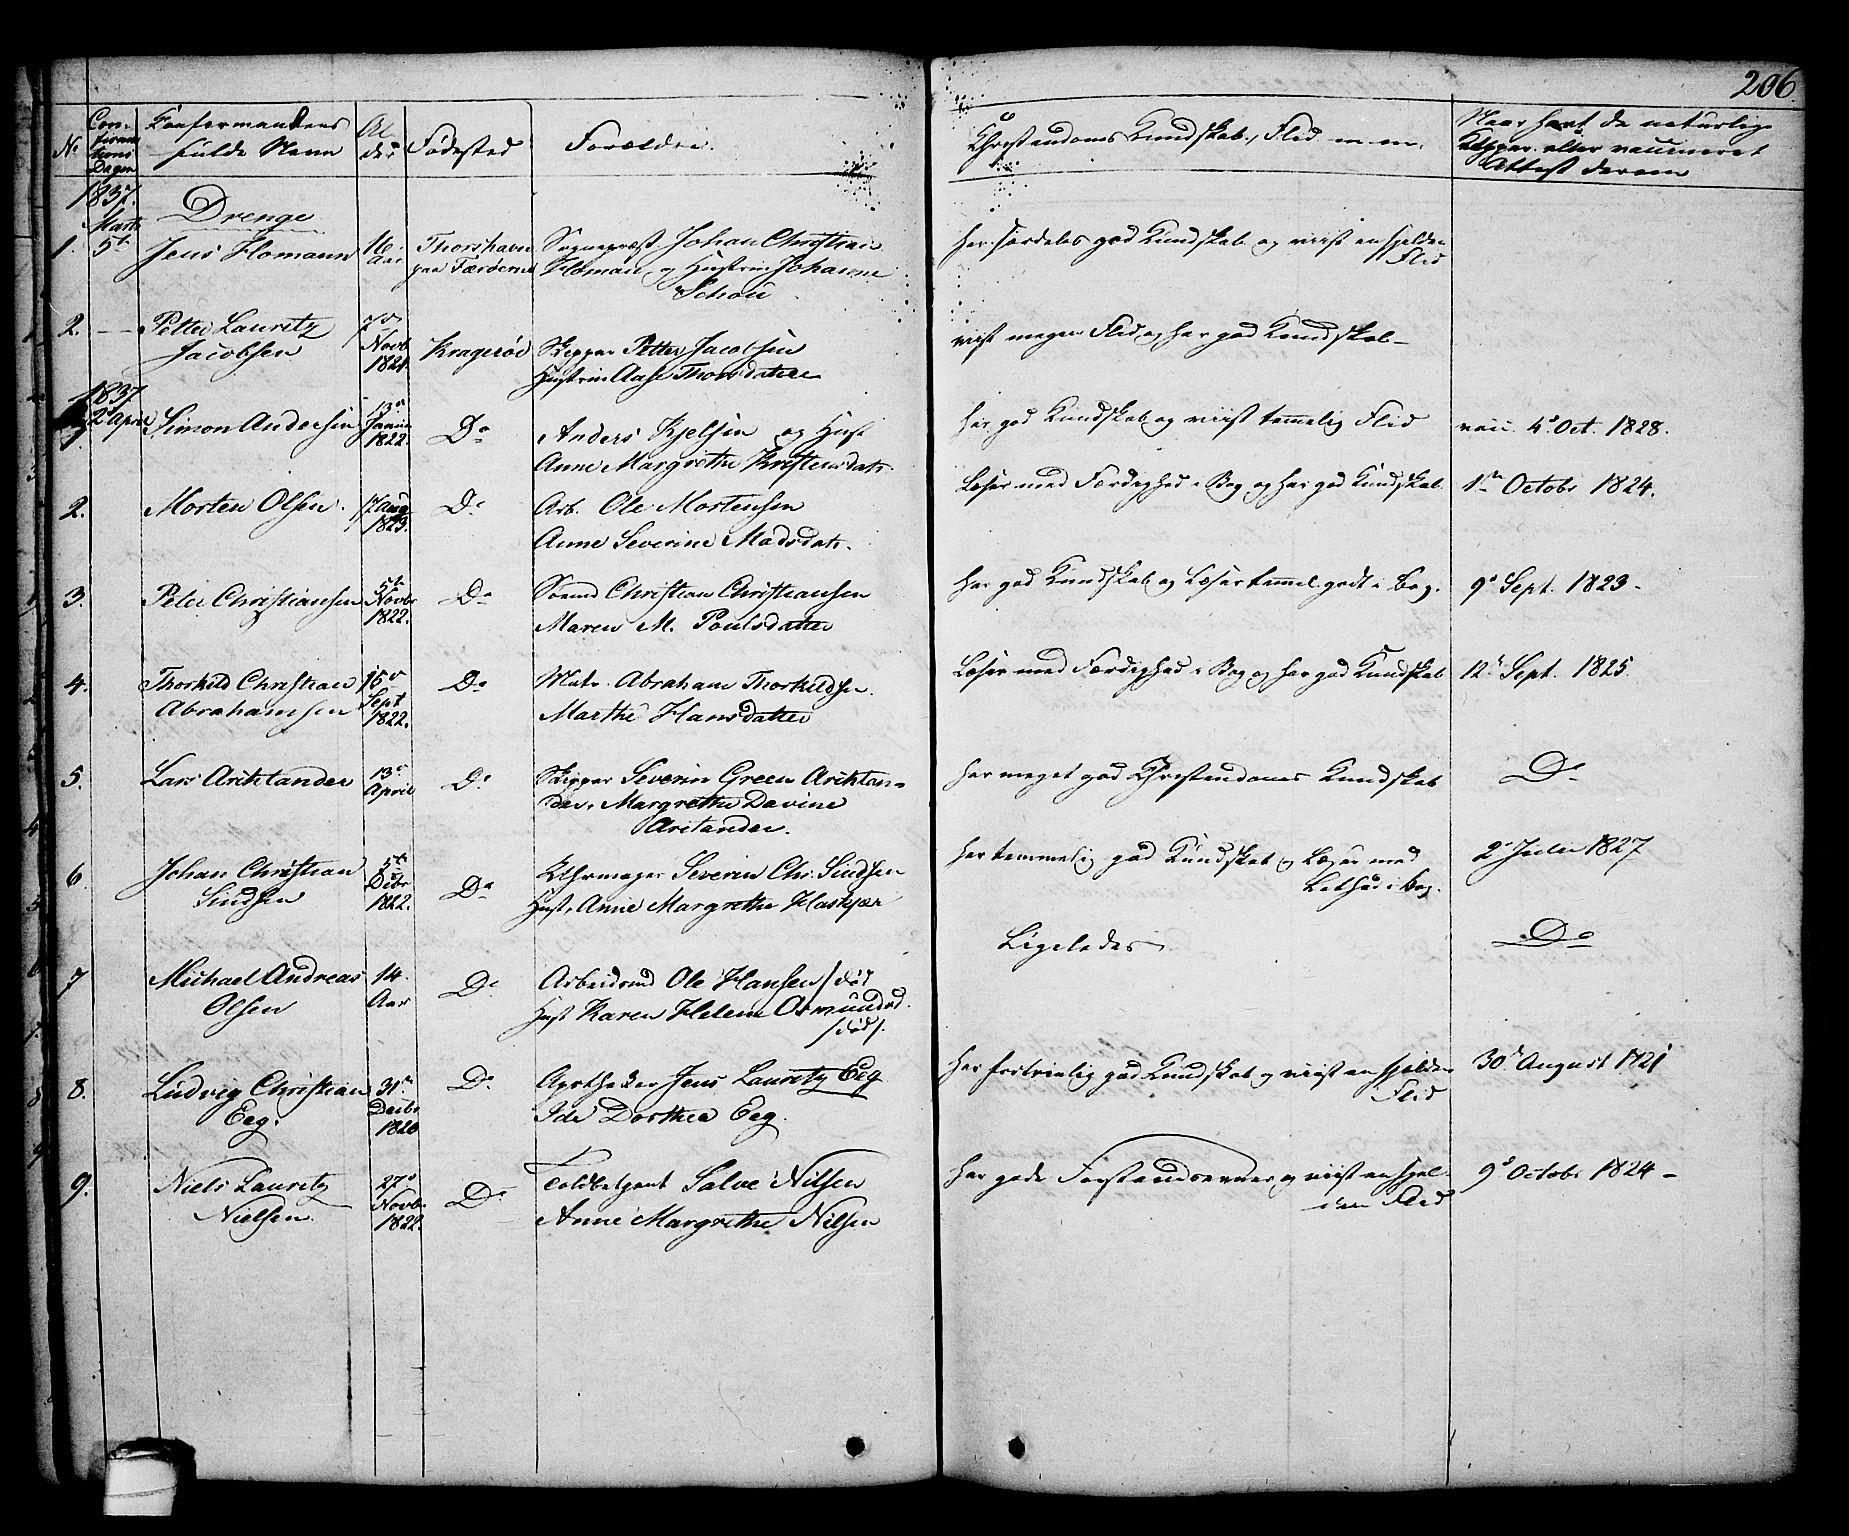 SAKO, Kragerø kirkebøker, G/Ga/L0003: Klokkerbok nr. 3, 1832-1852, s. 206